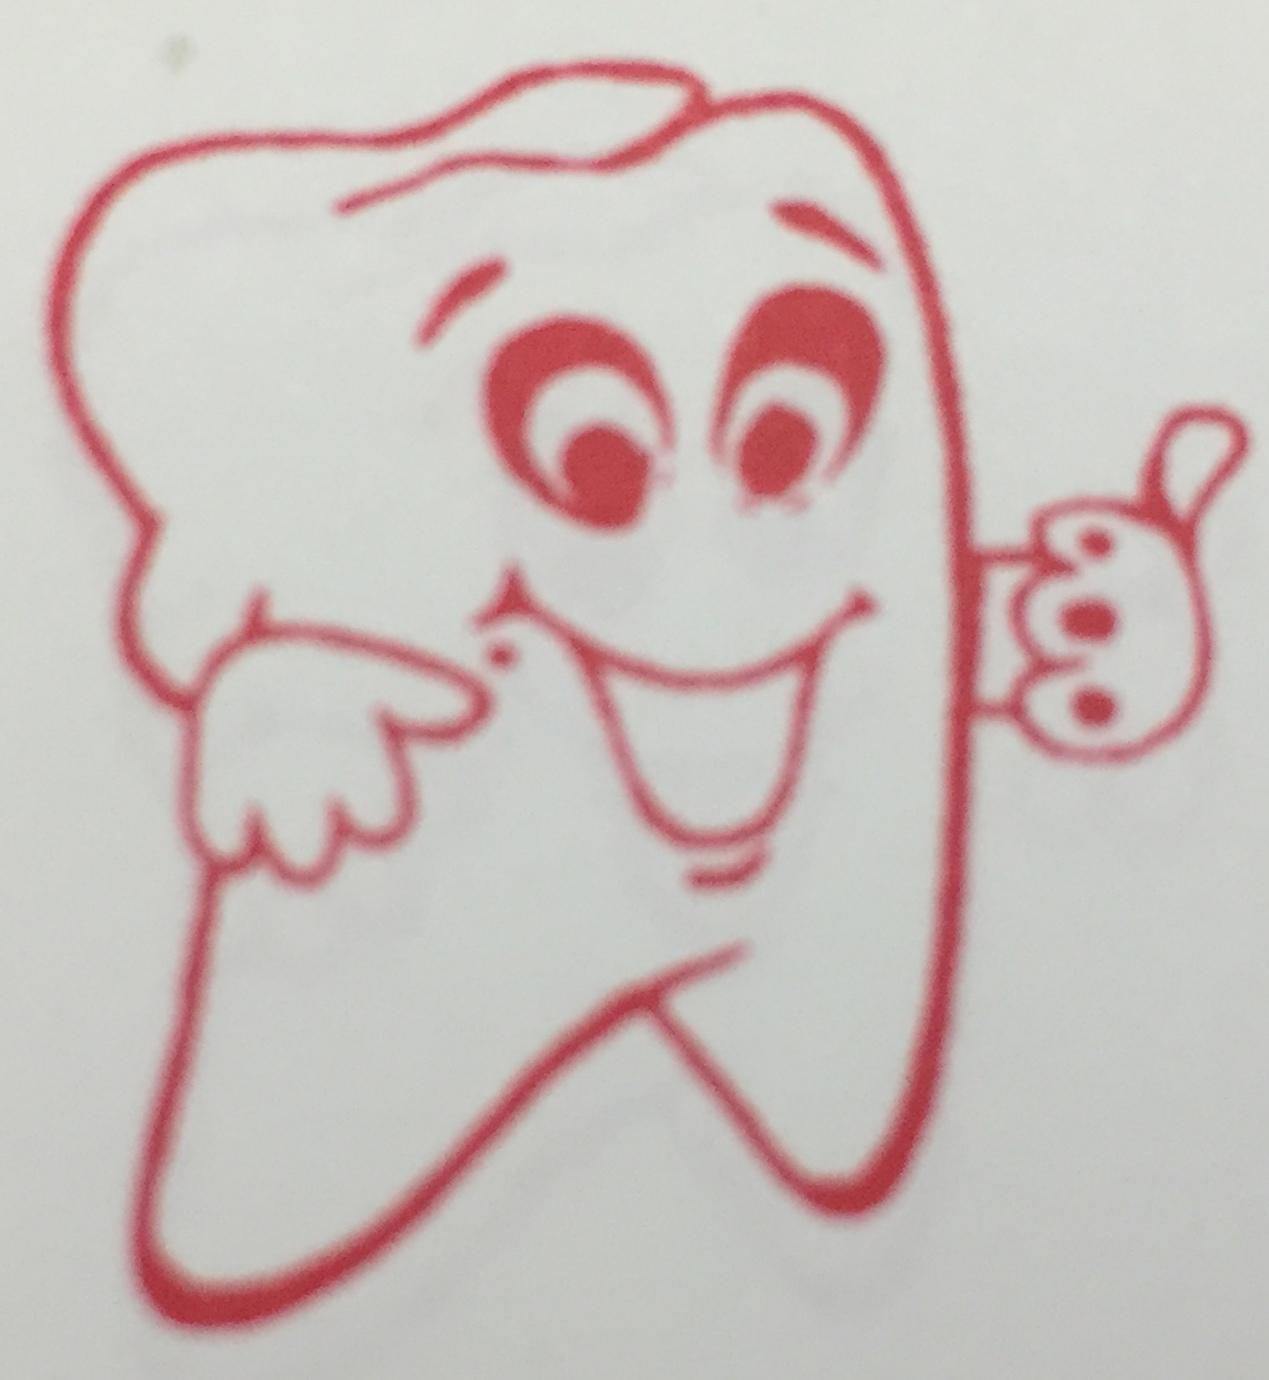 Khare's Multispeciality Dental Clinic